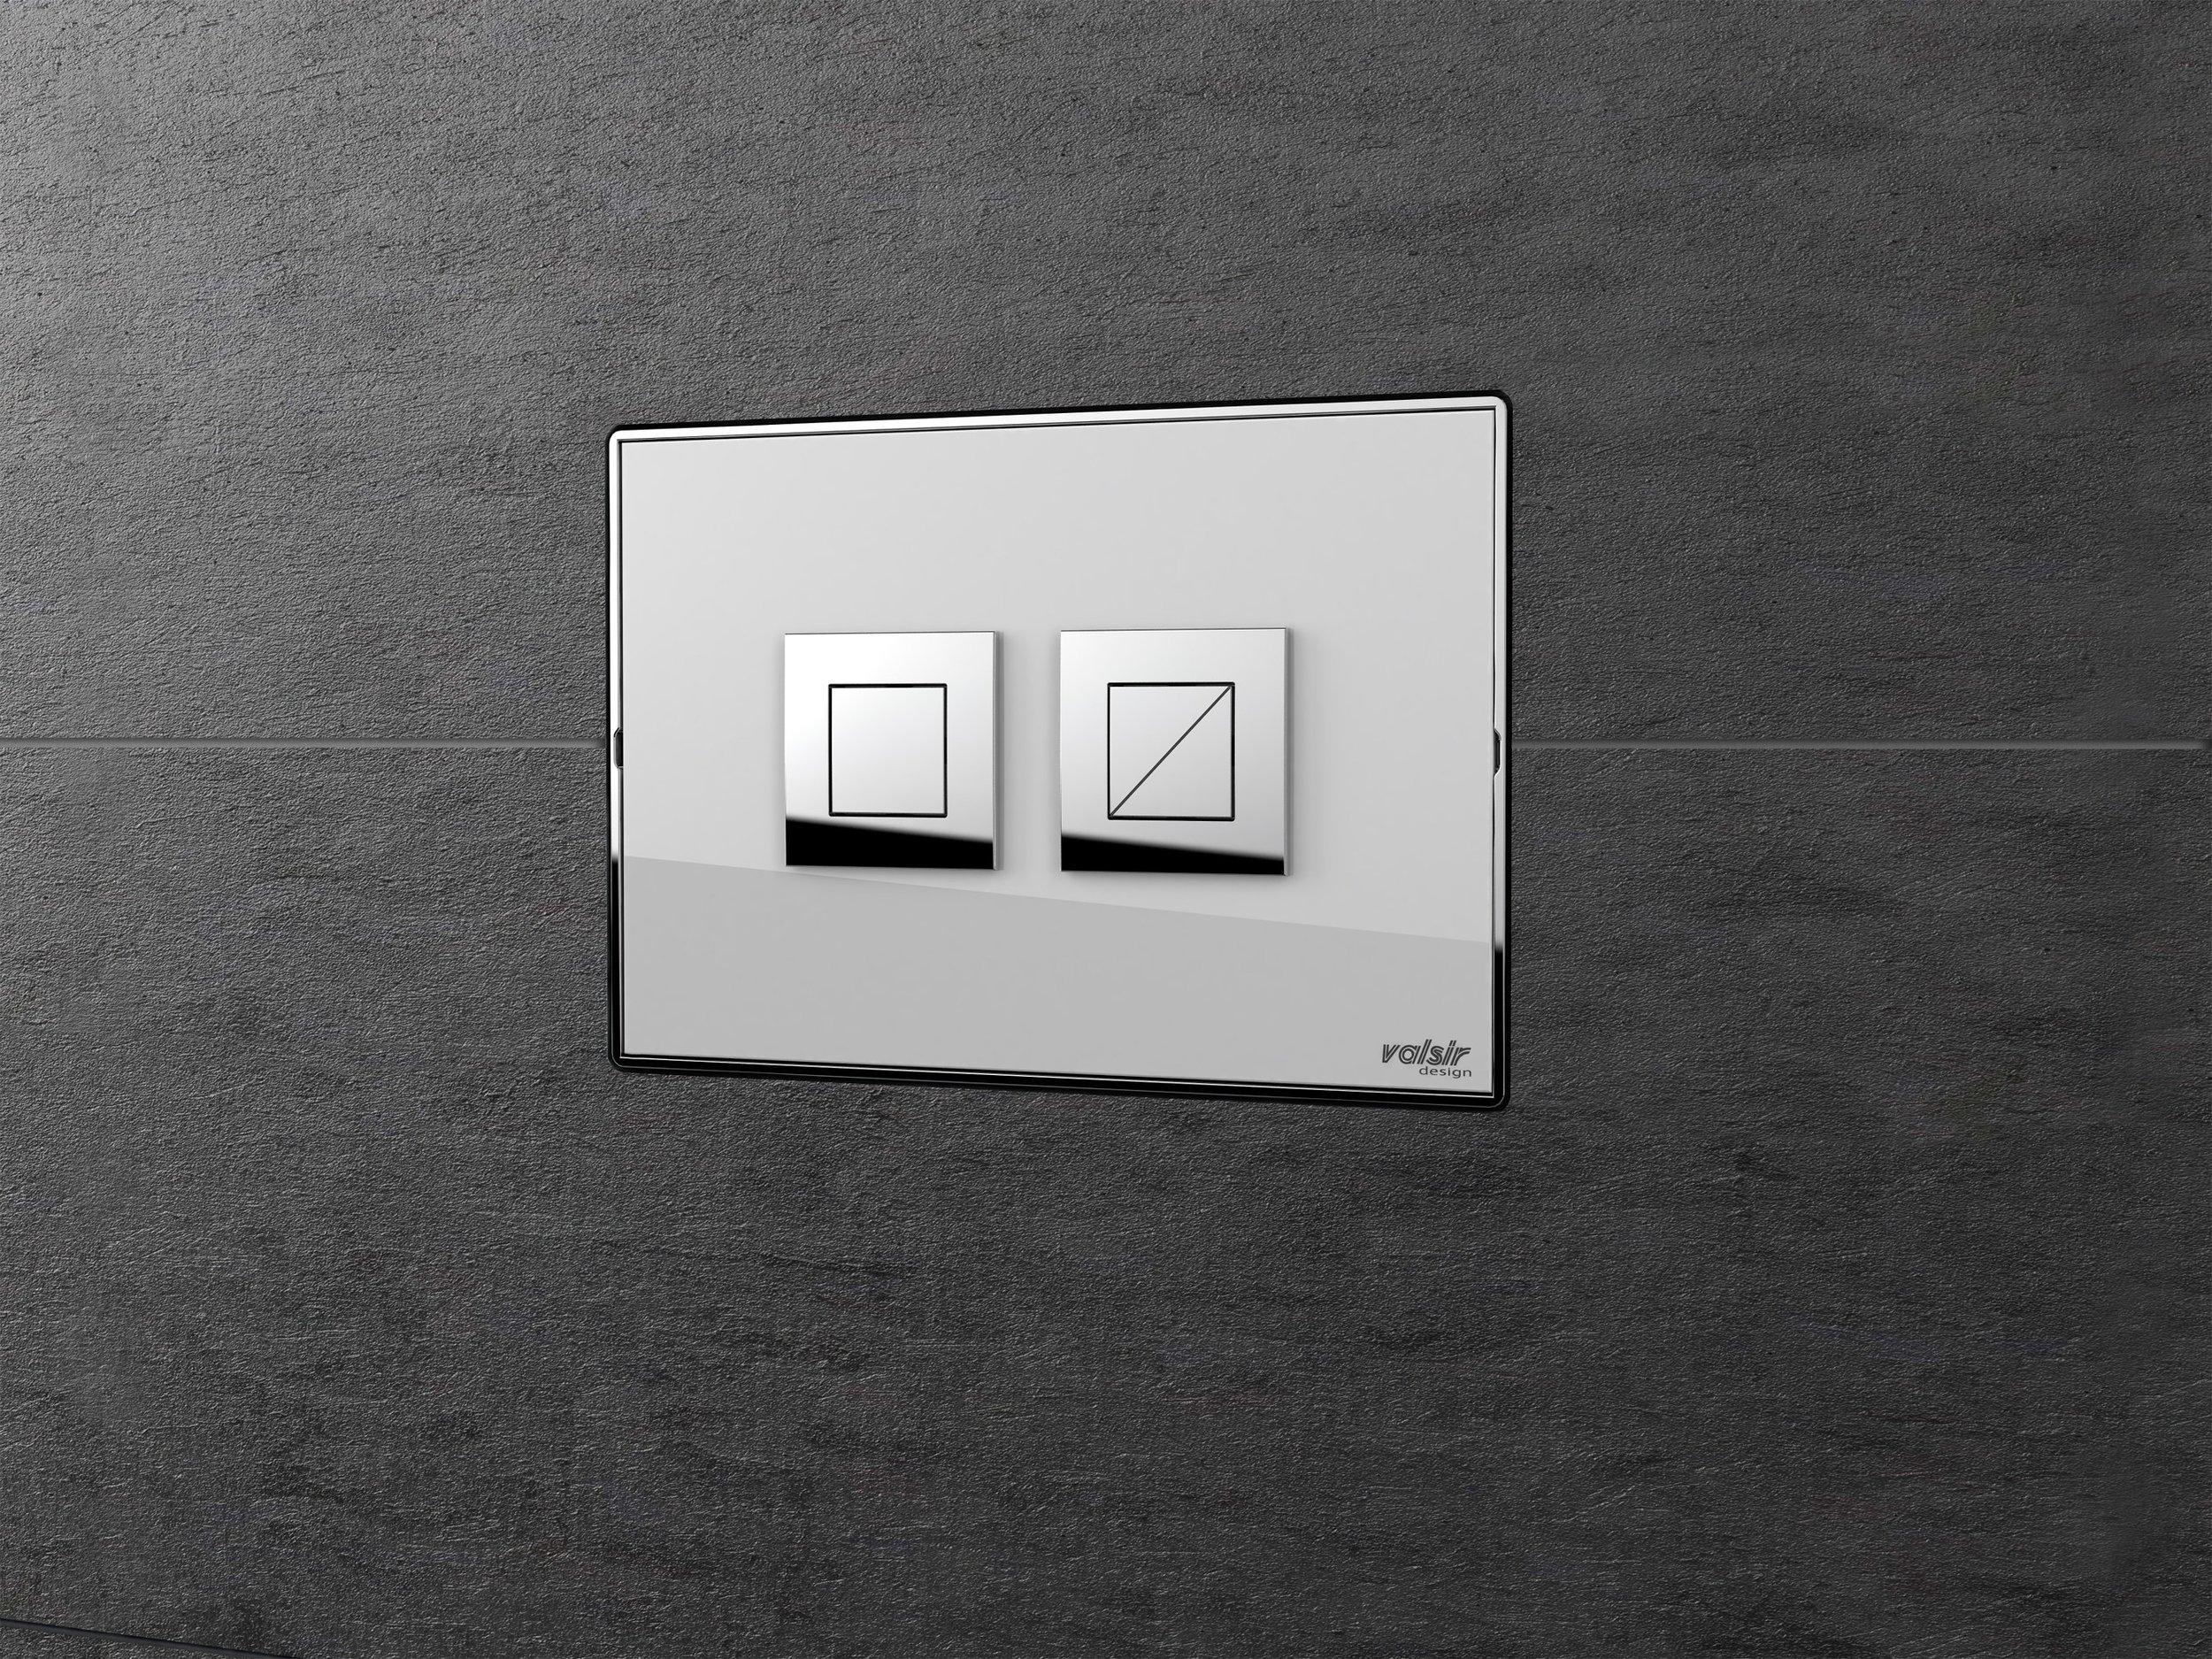 VALSIR PULSANTE WC .jpg